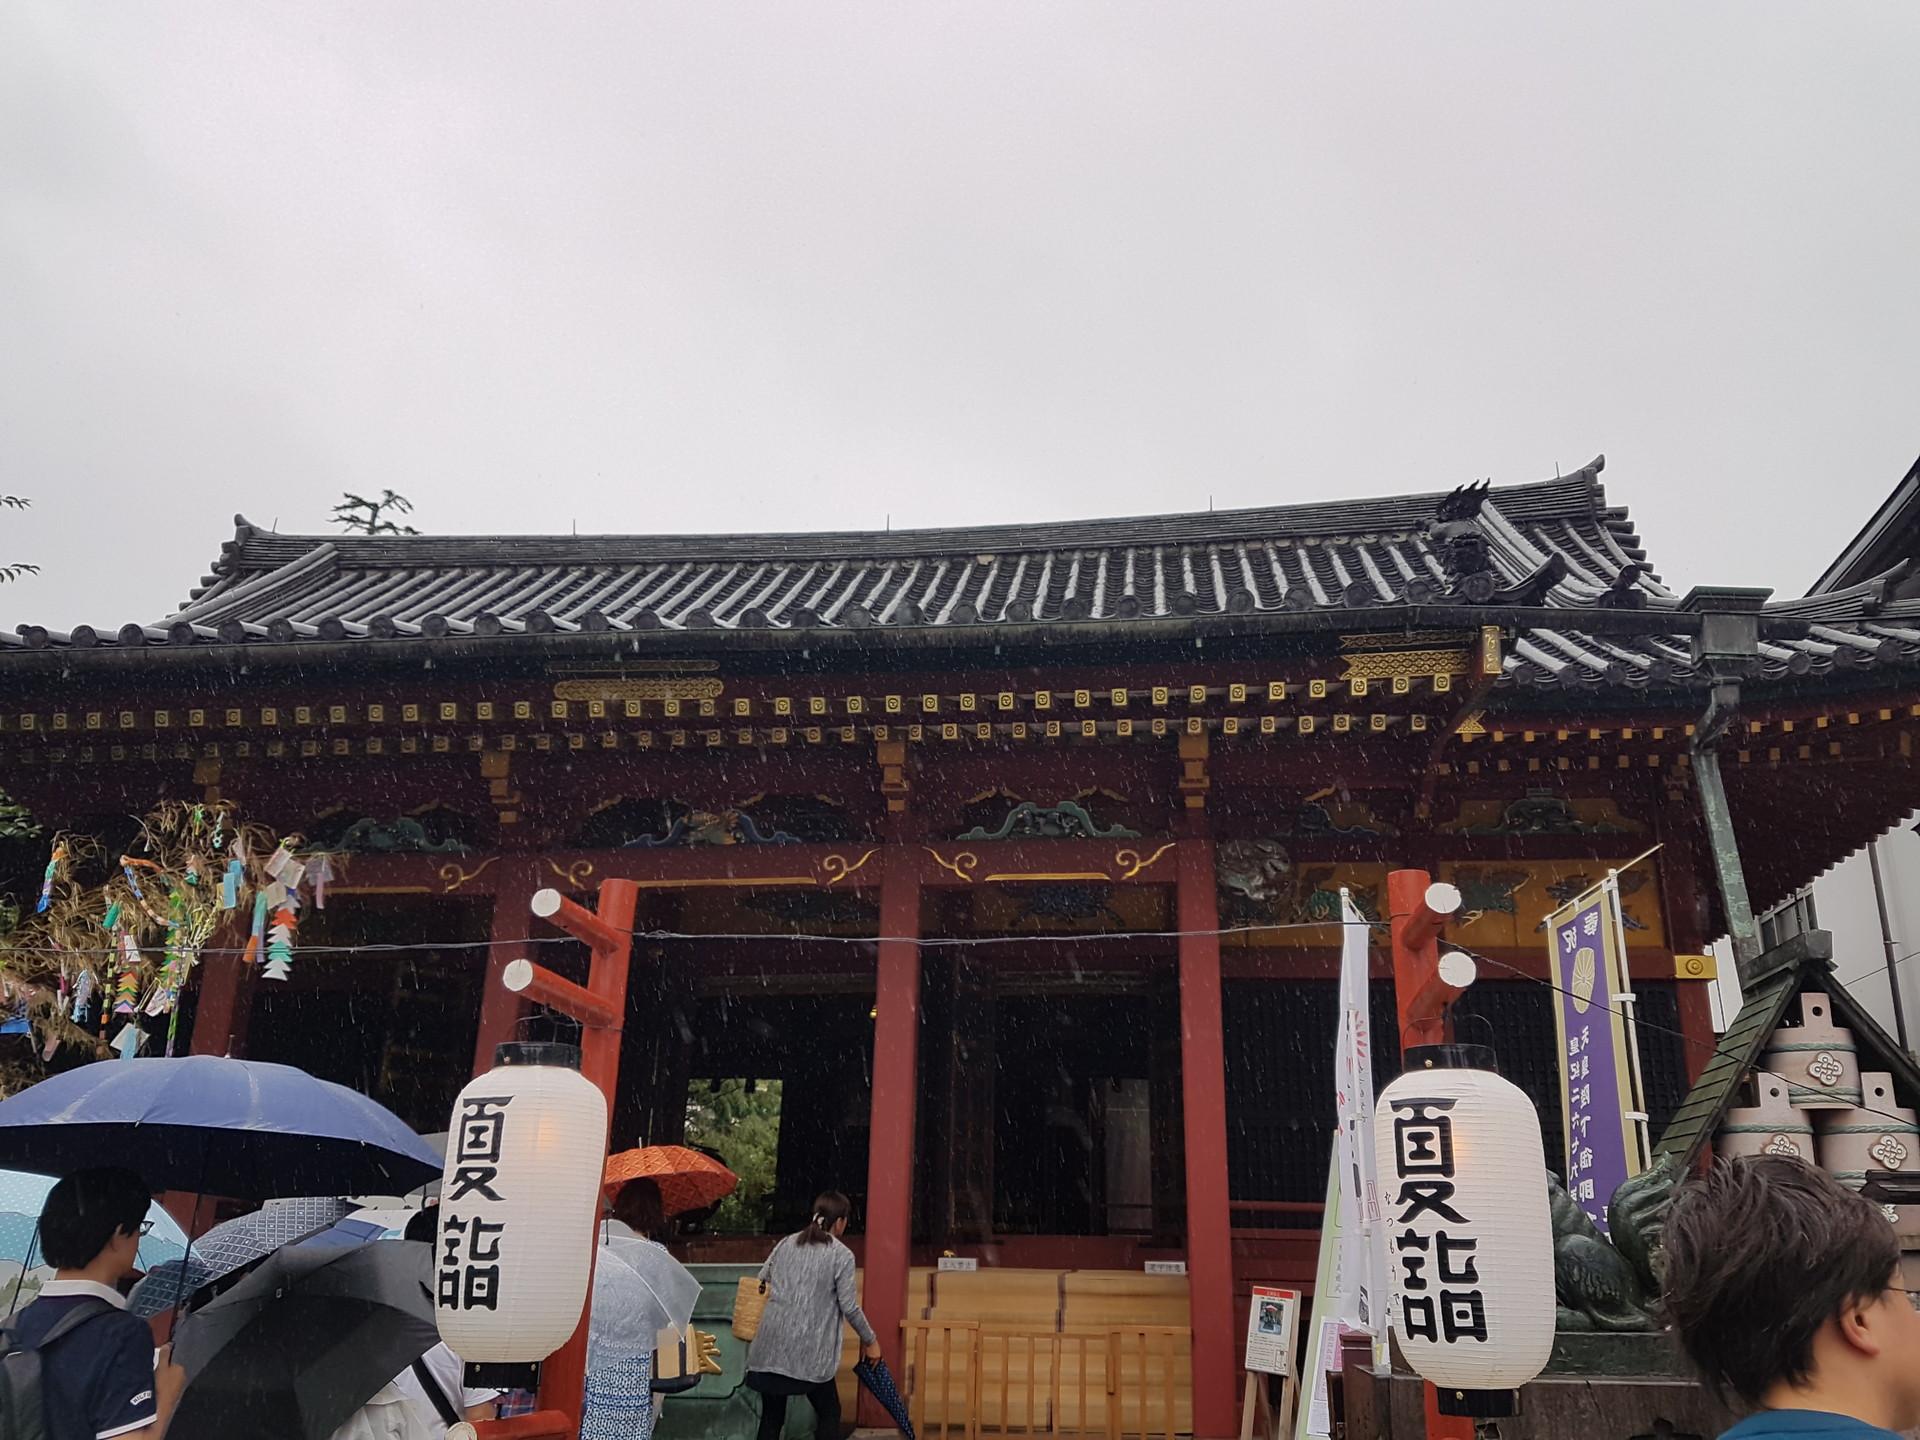 sensoji-temple-detours-00429fae22a903dbd